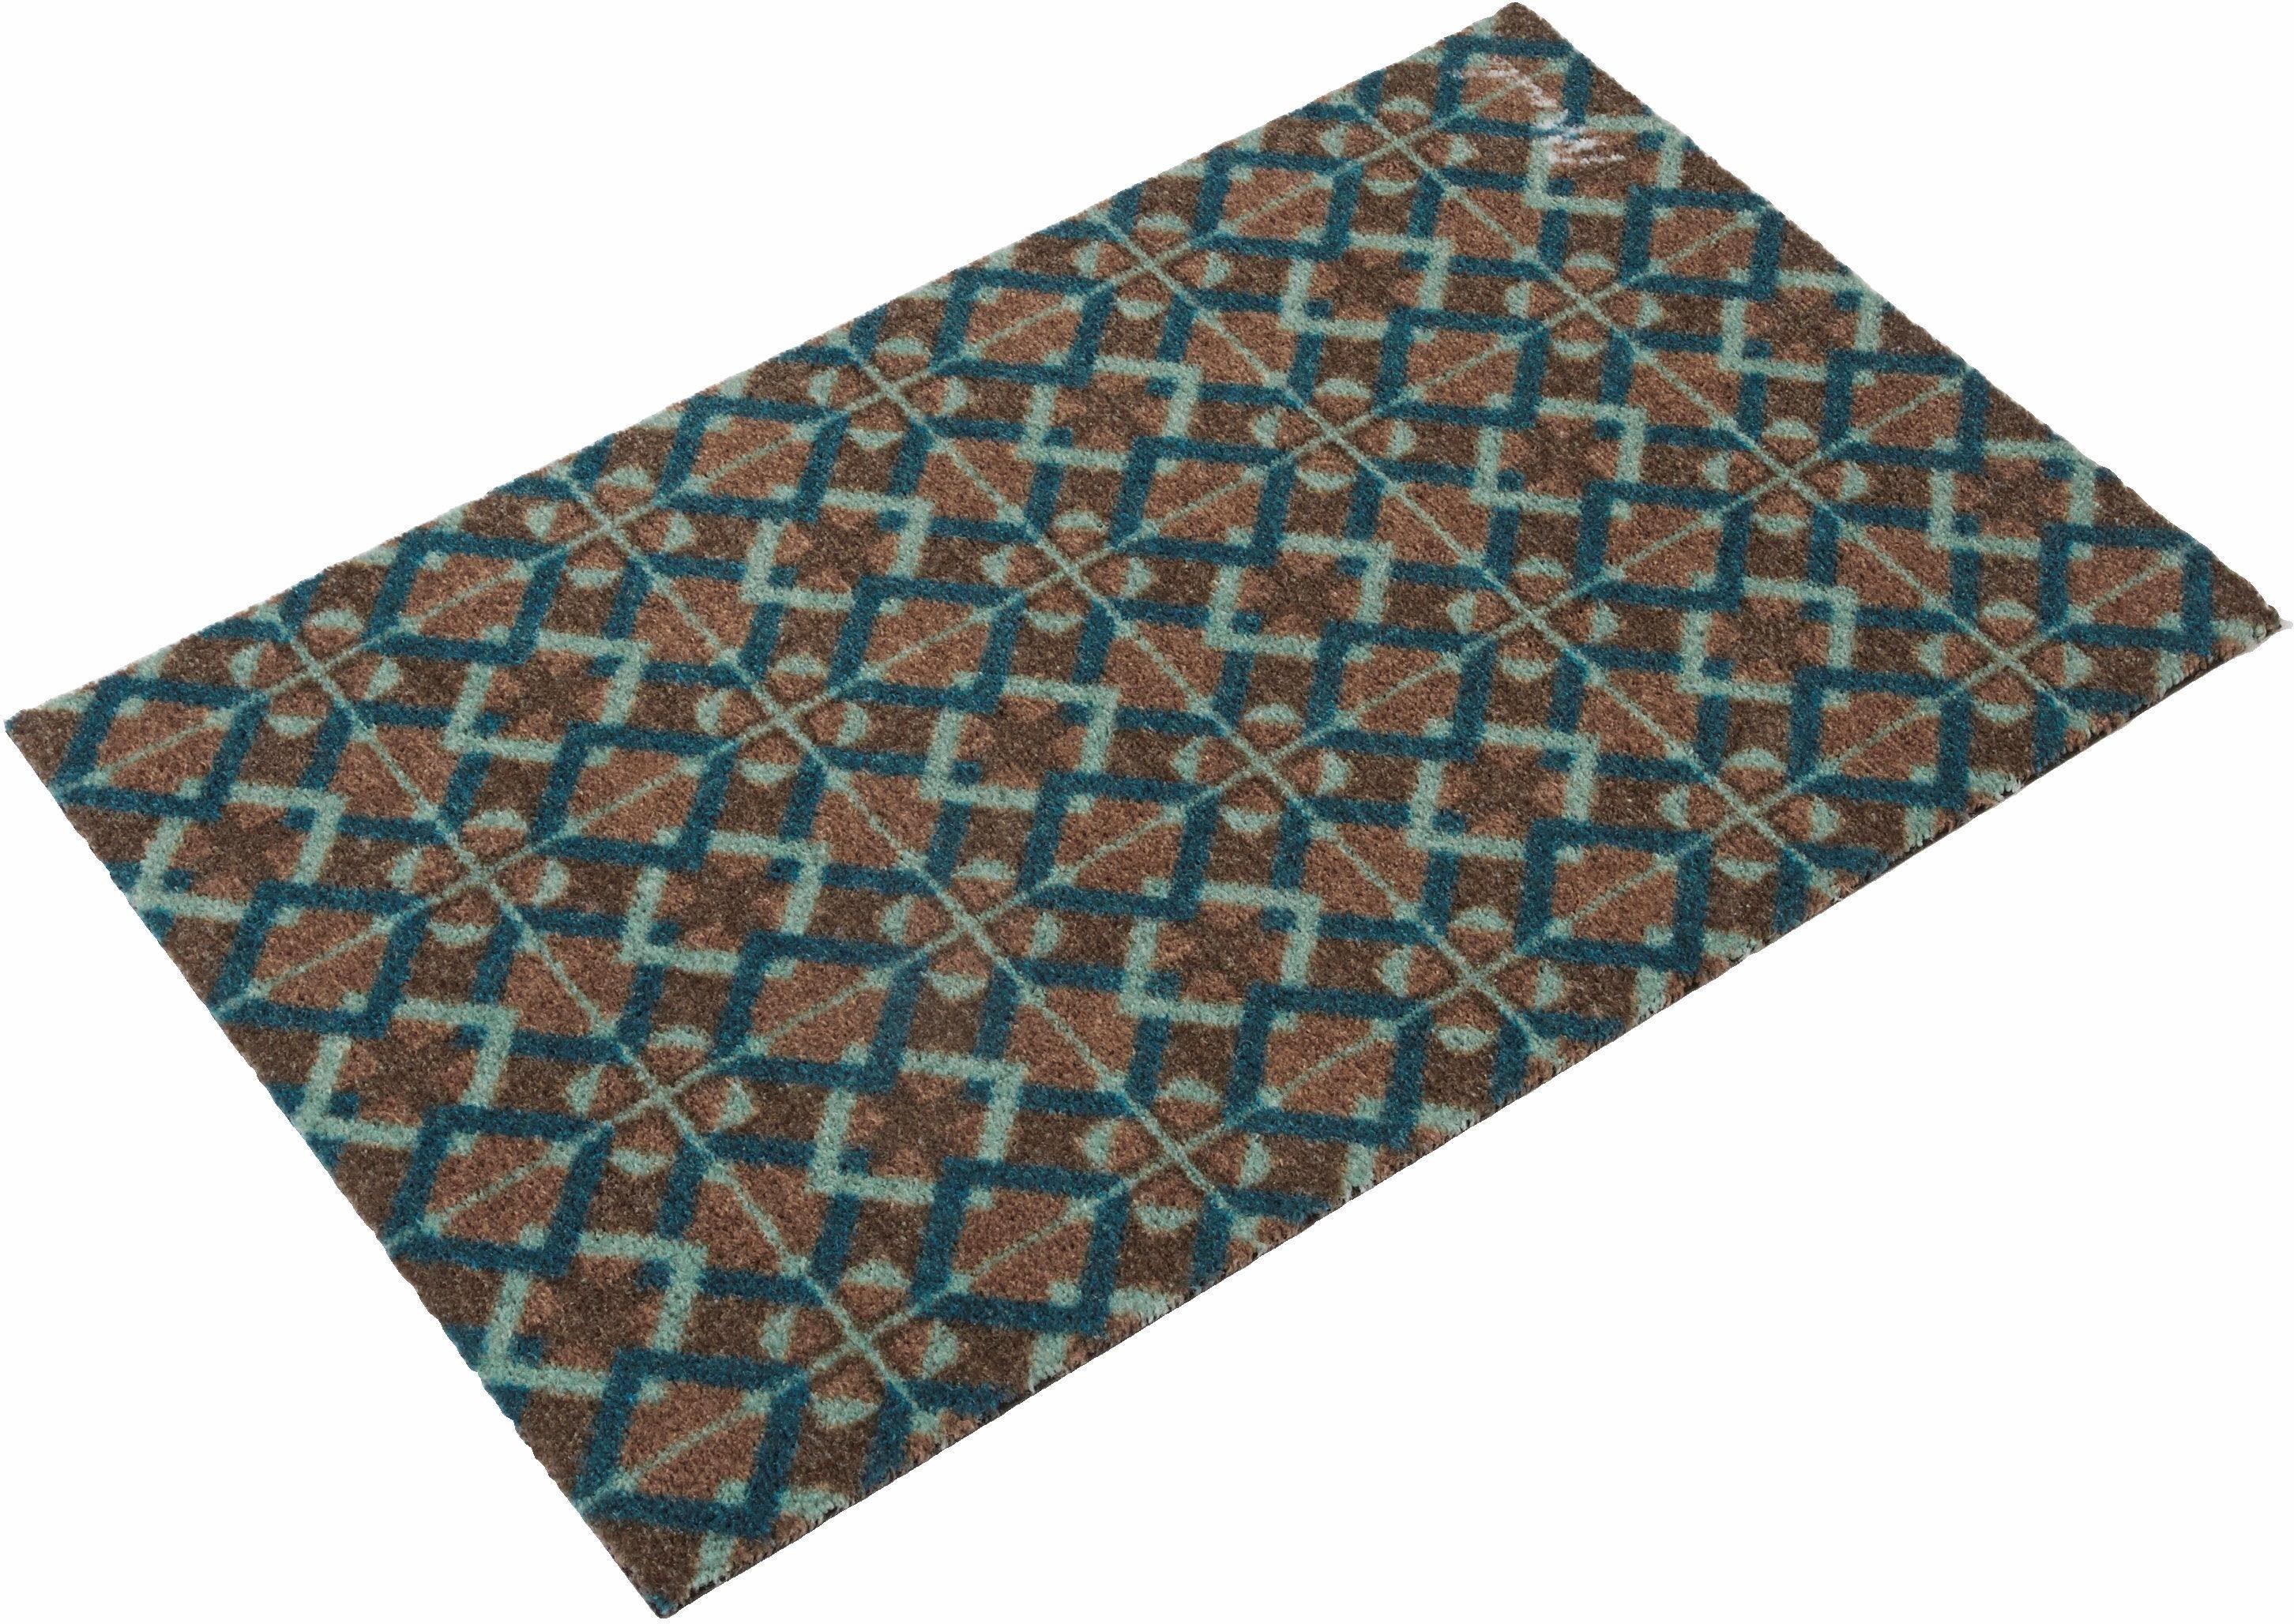 Teppich »Tilly«, Mad about Mats, rechteckig, Höhe 9 mm, In- und Outdoor geeignet, waschbar